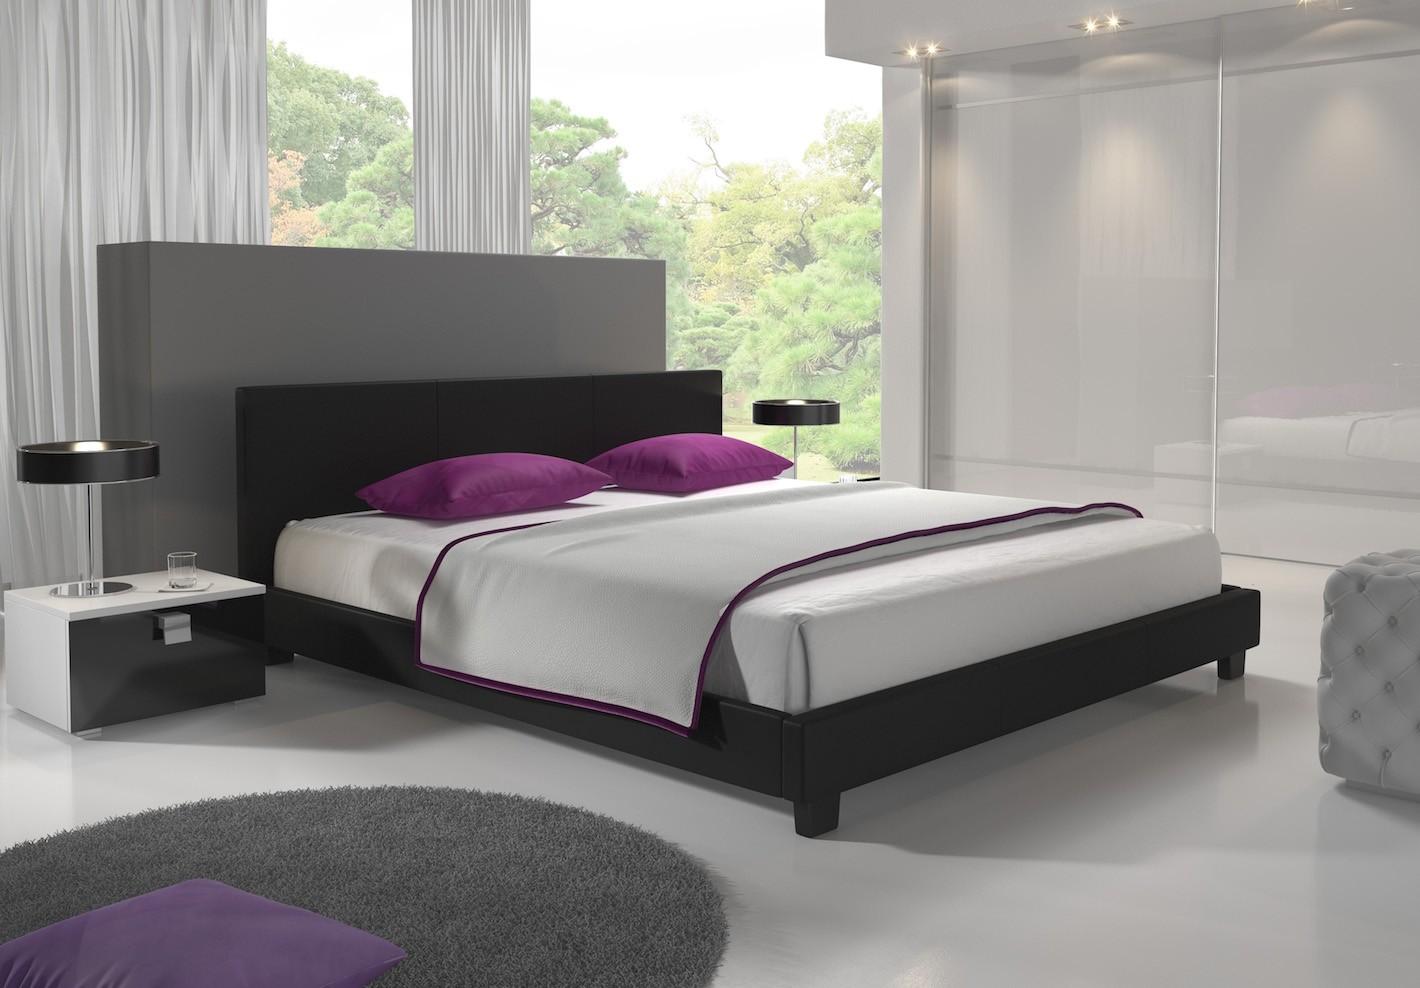 Bed 140 200 Slaapkamer Bedden.Tweepersoonsbed George Zwart 140x200 Cm Actie Meubella